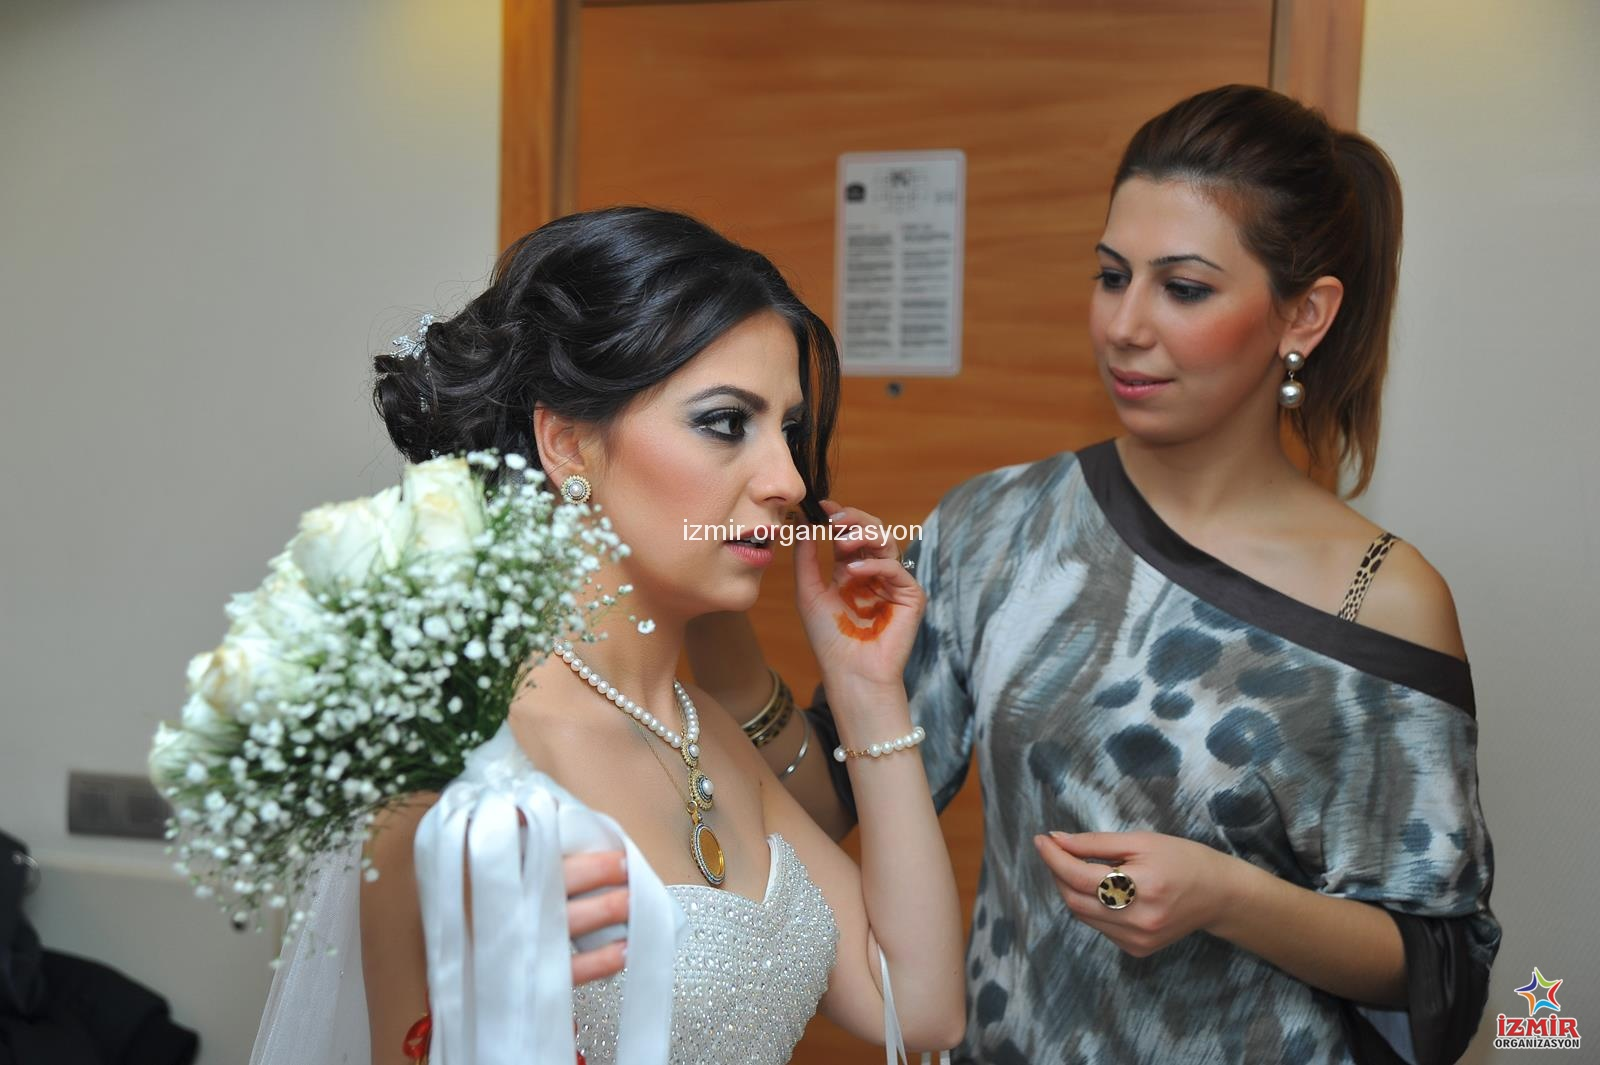 İzmir Düğün Organizasyonu Fotoğrafçı ve Kameraman Temini